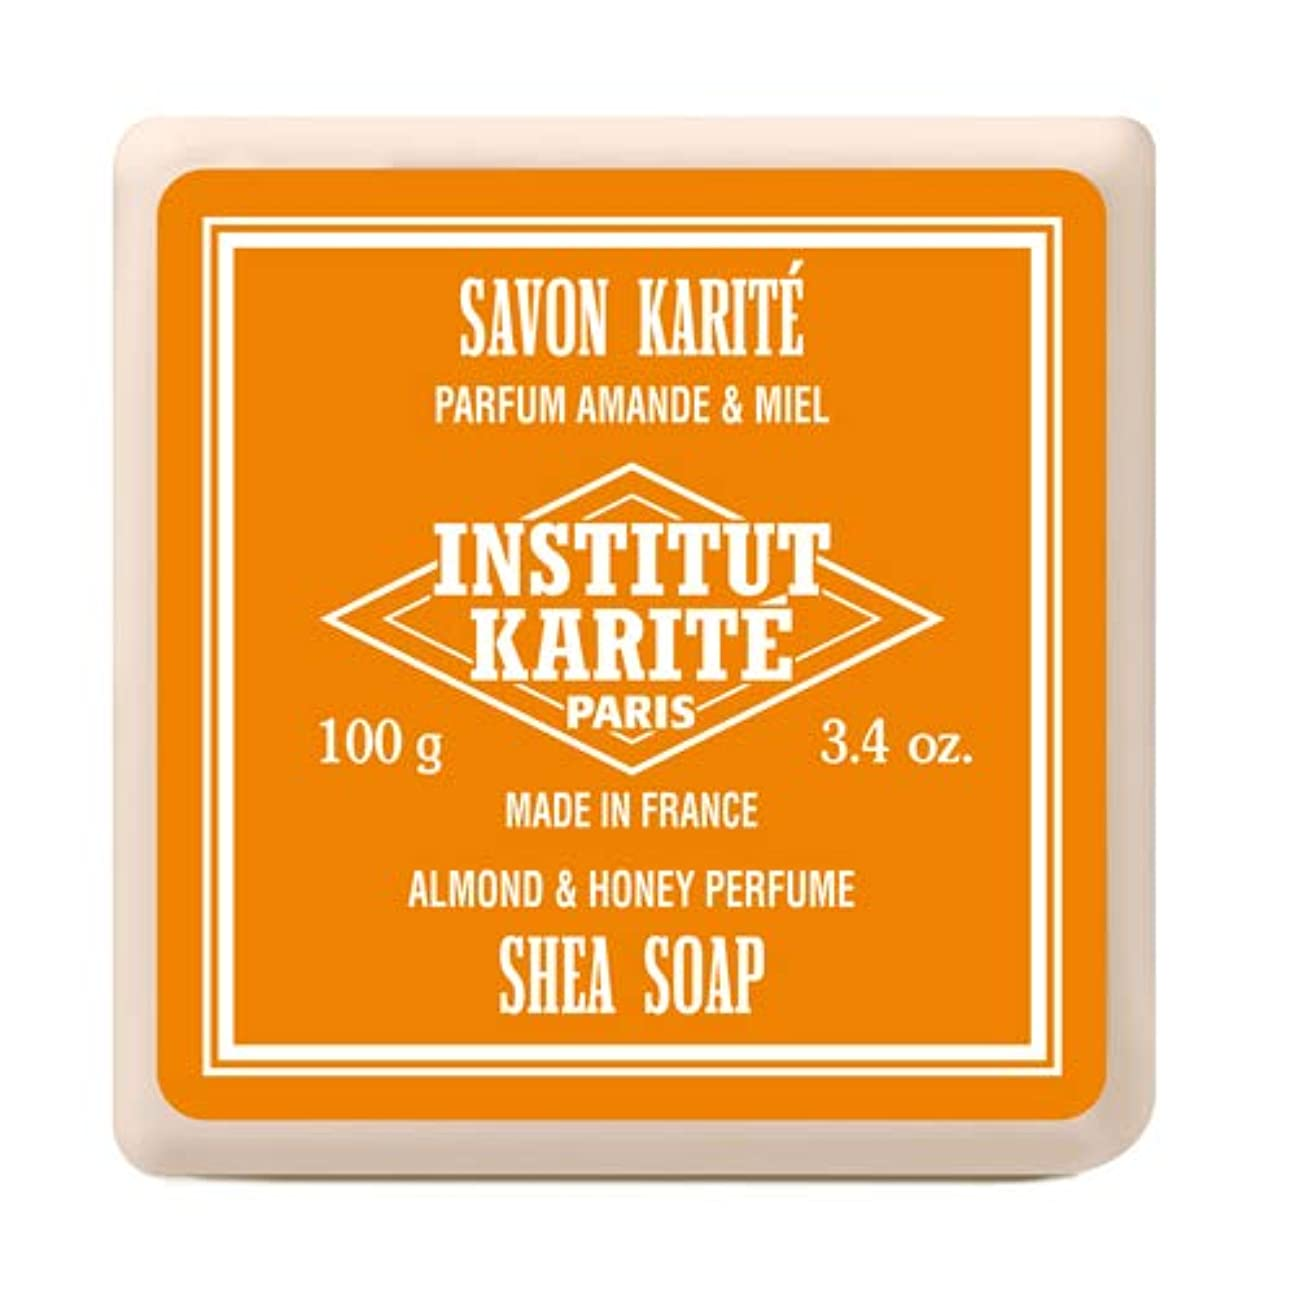 妨げる修士号兵隊INSTITUT KARITE インスティテュート カリテ Shea Wrapped Soap シアソープ 100g Almond & Honey アーモンド&ハニー